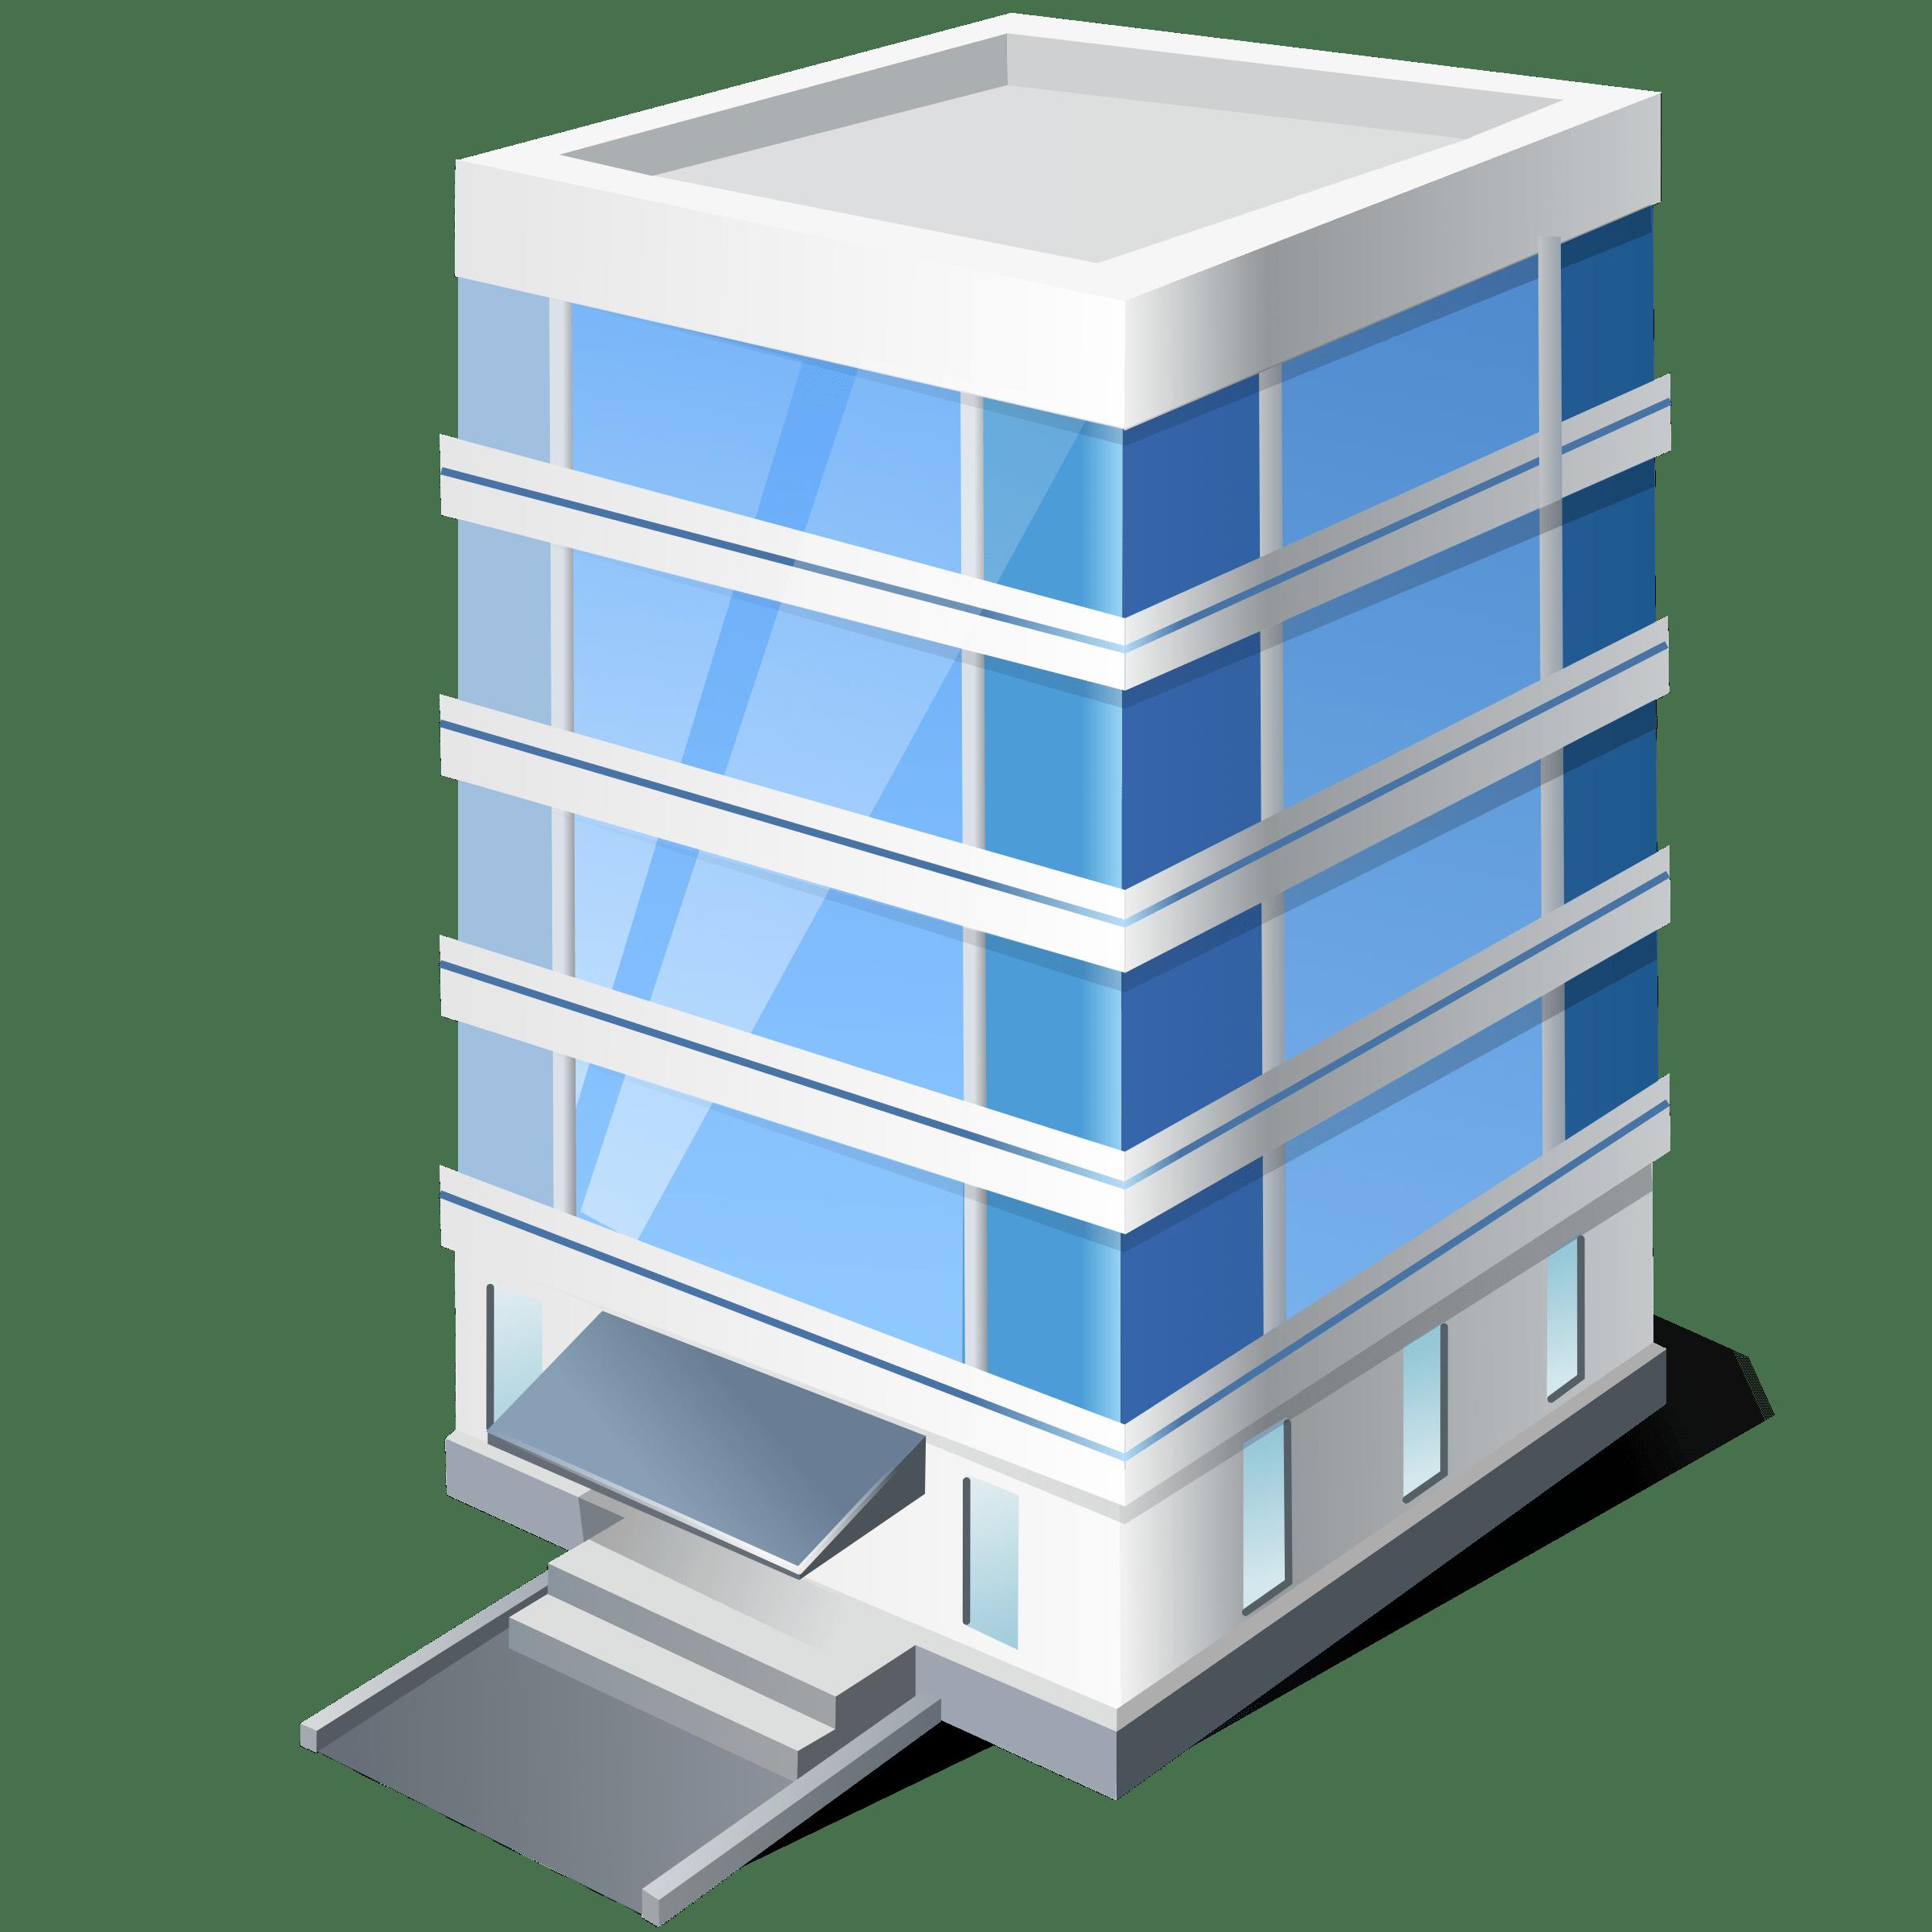 Building Clipart Transparent.